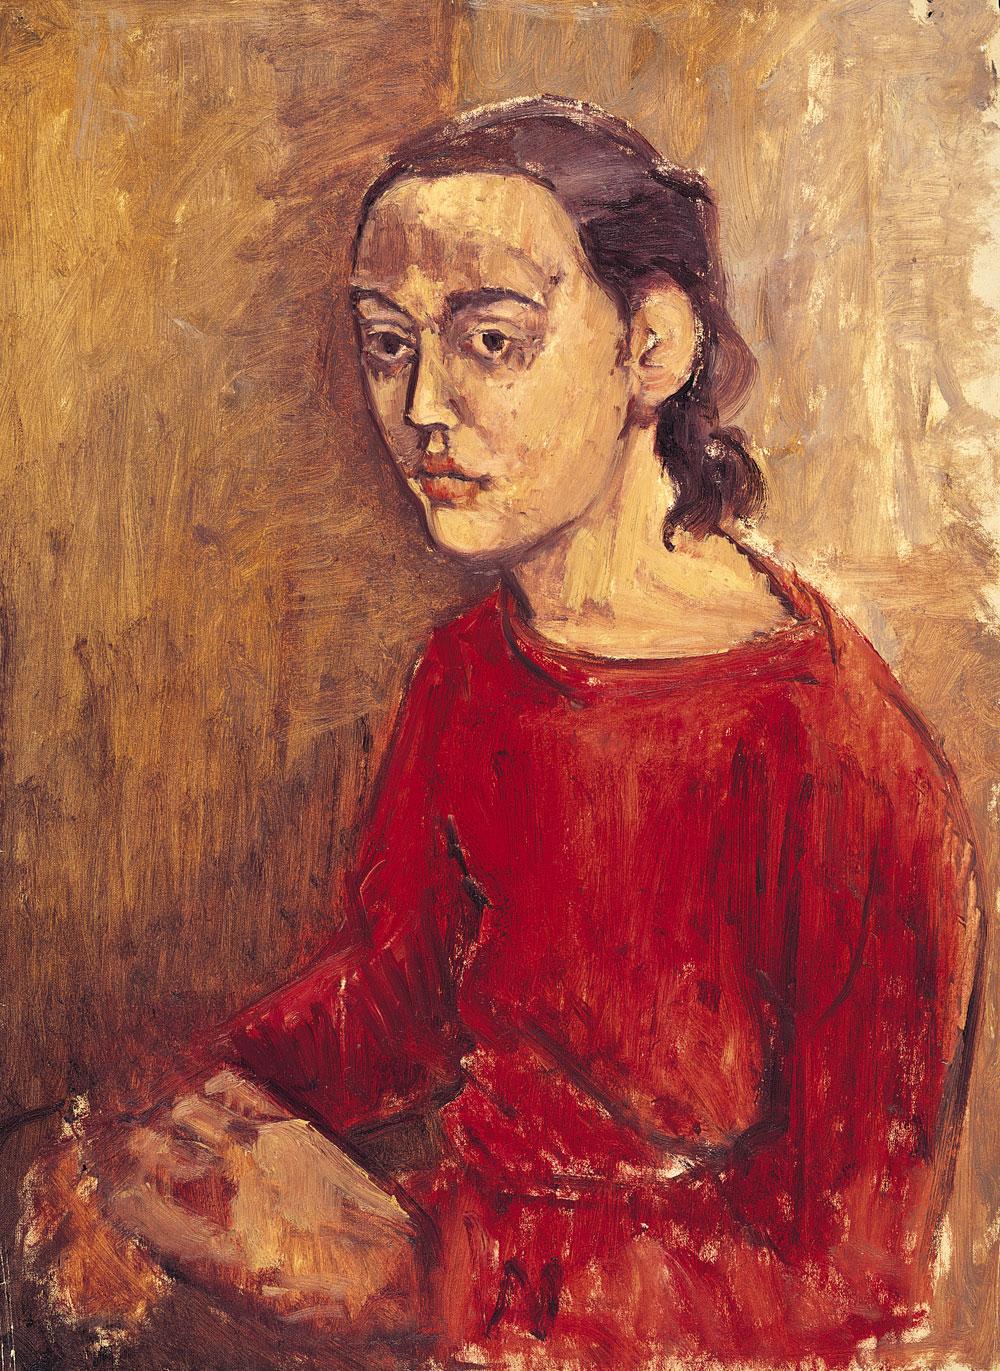 Self-Portrait in Red Dress